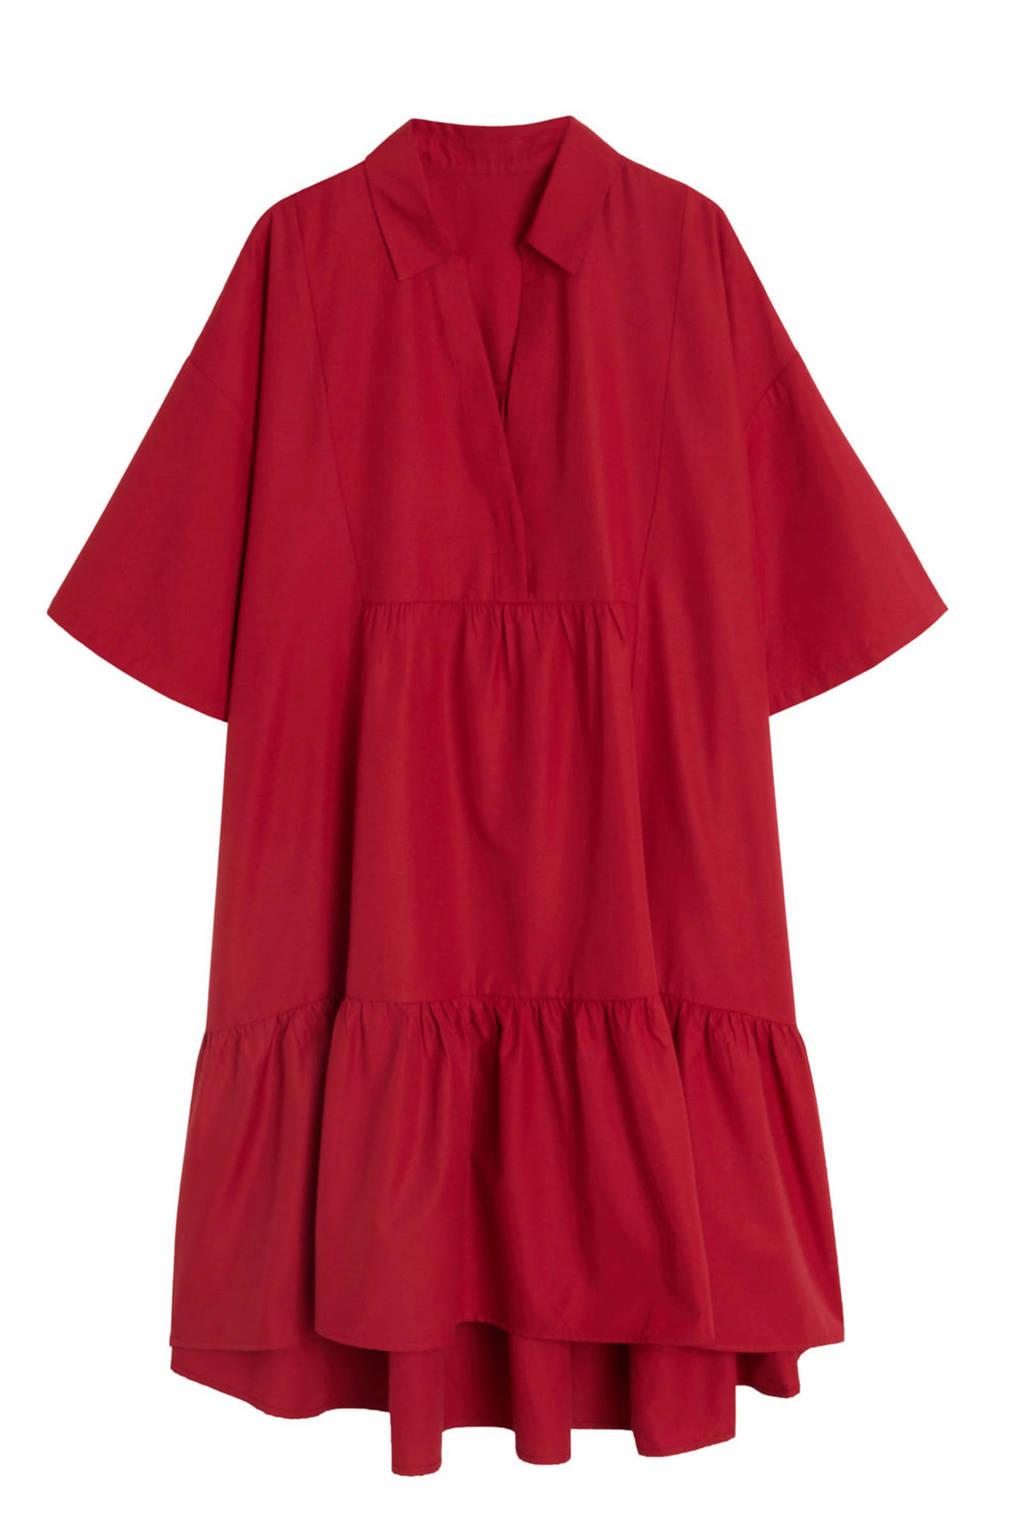 Mango jurk met volant rood, Rood